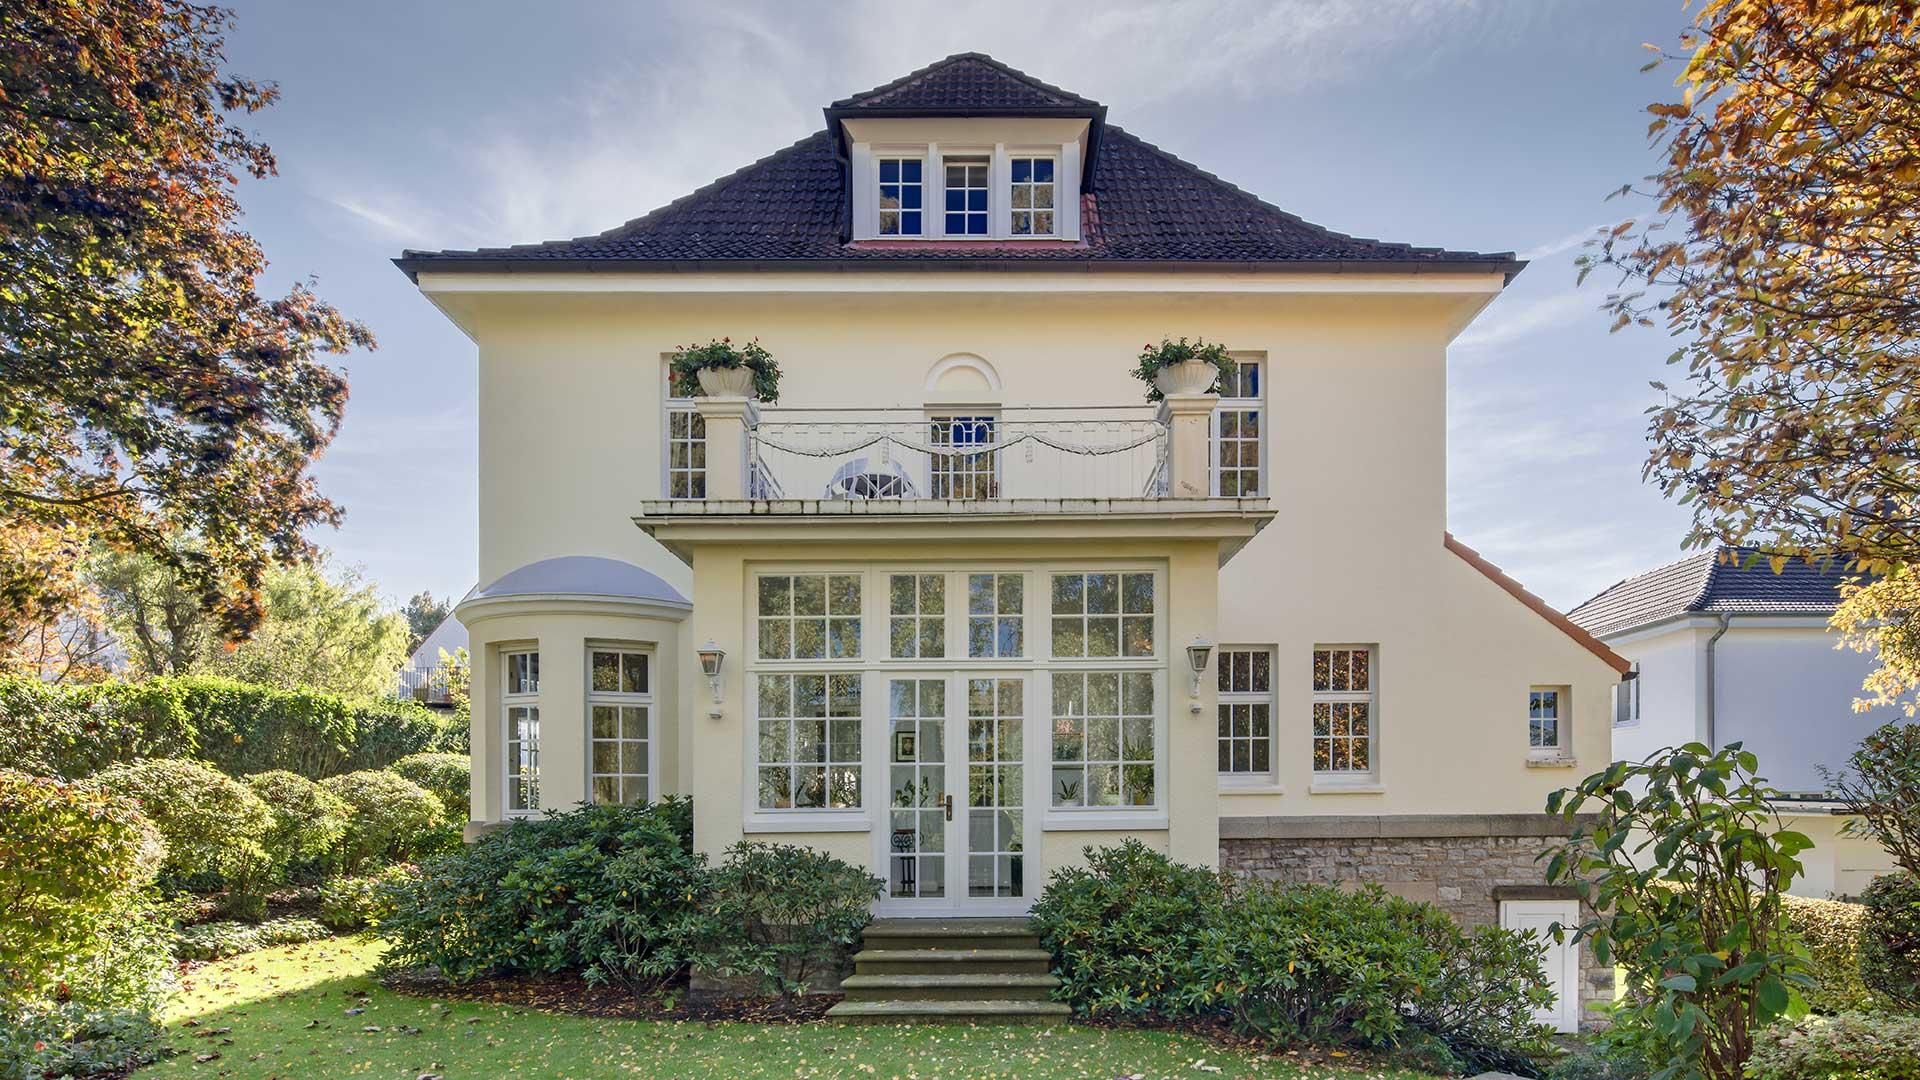 Architekturfotografie: Immobilie im Gegenlicht | Foto: Dieter Eikenberg, imprints